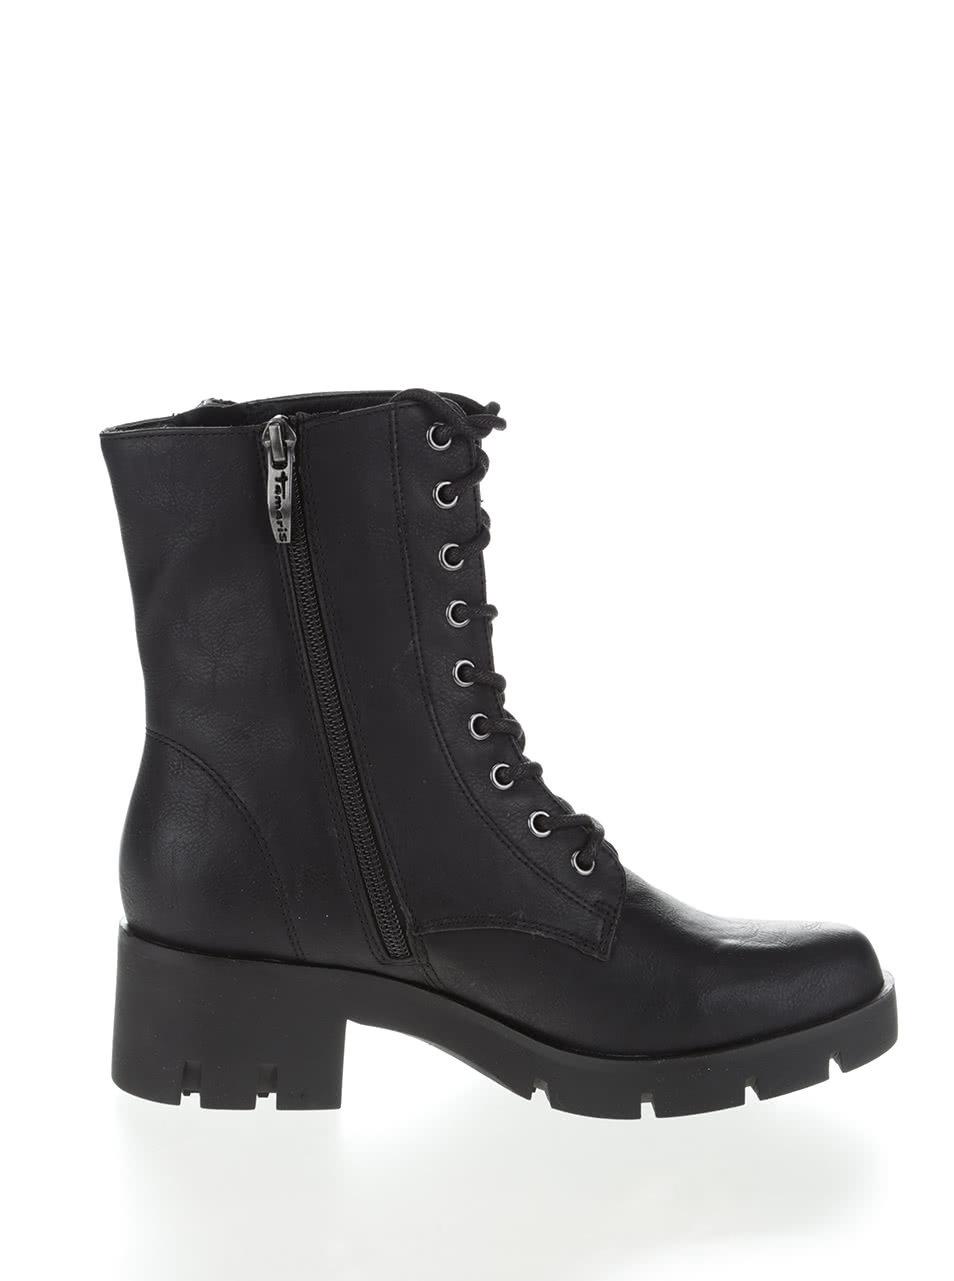 8521b308e0632 Čierne vyššie členkové topánky na šnurovanie Tamaris   ZOOT.sk